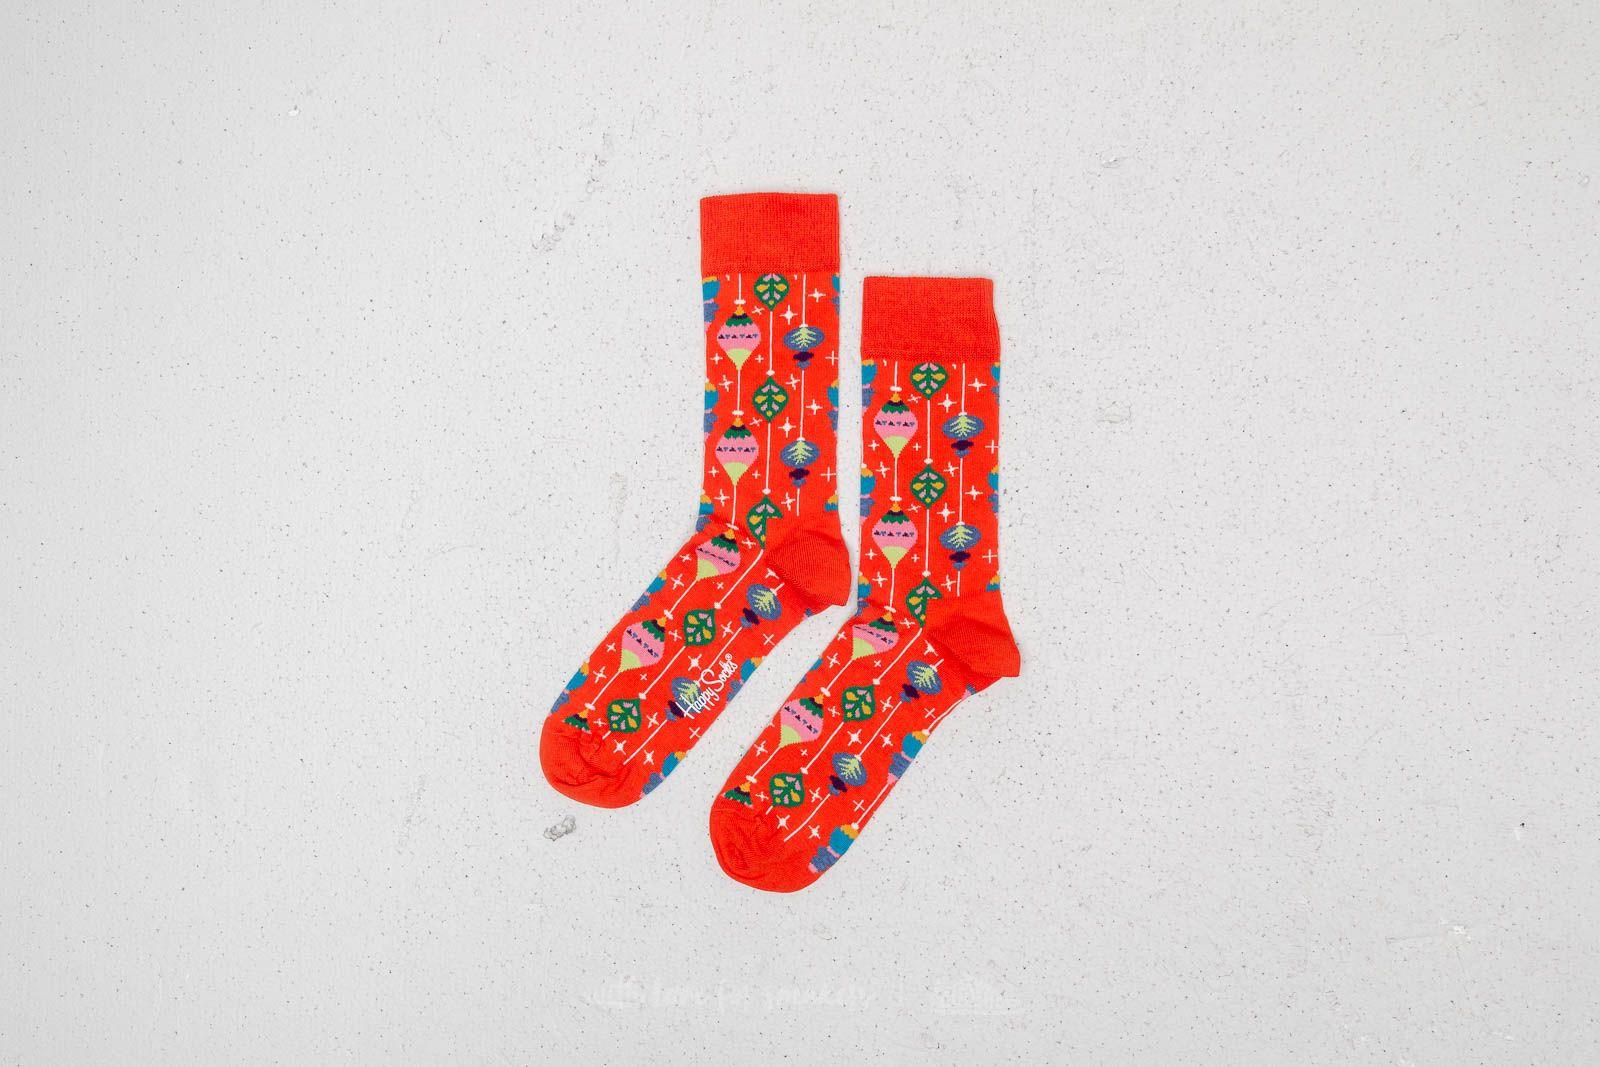 Happy Socks Bauble za skvelú cenu 7 € kúpite na Footshop.sk